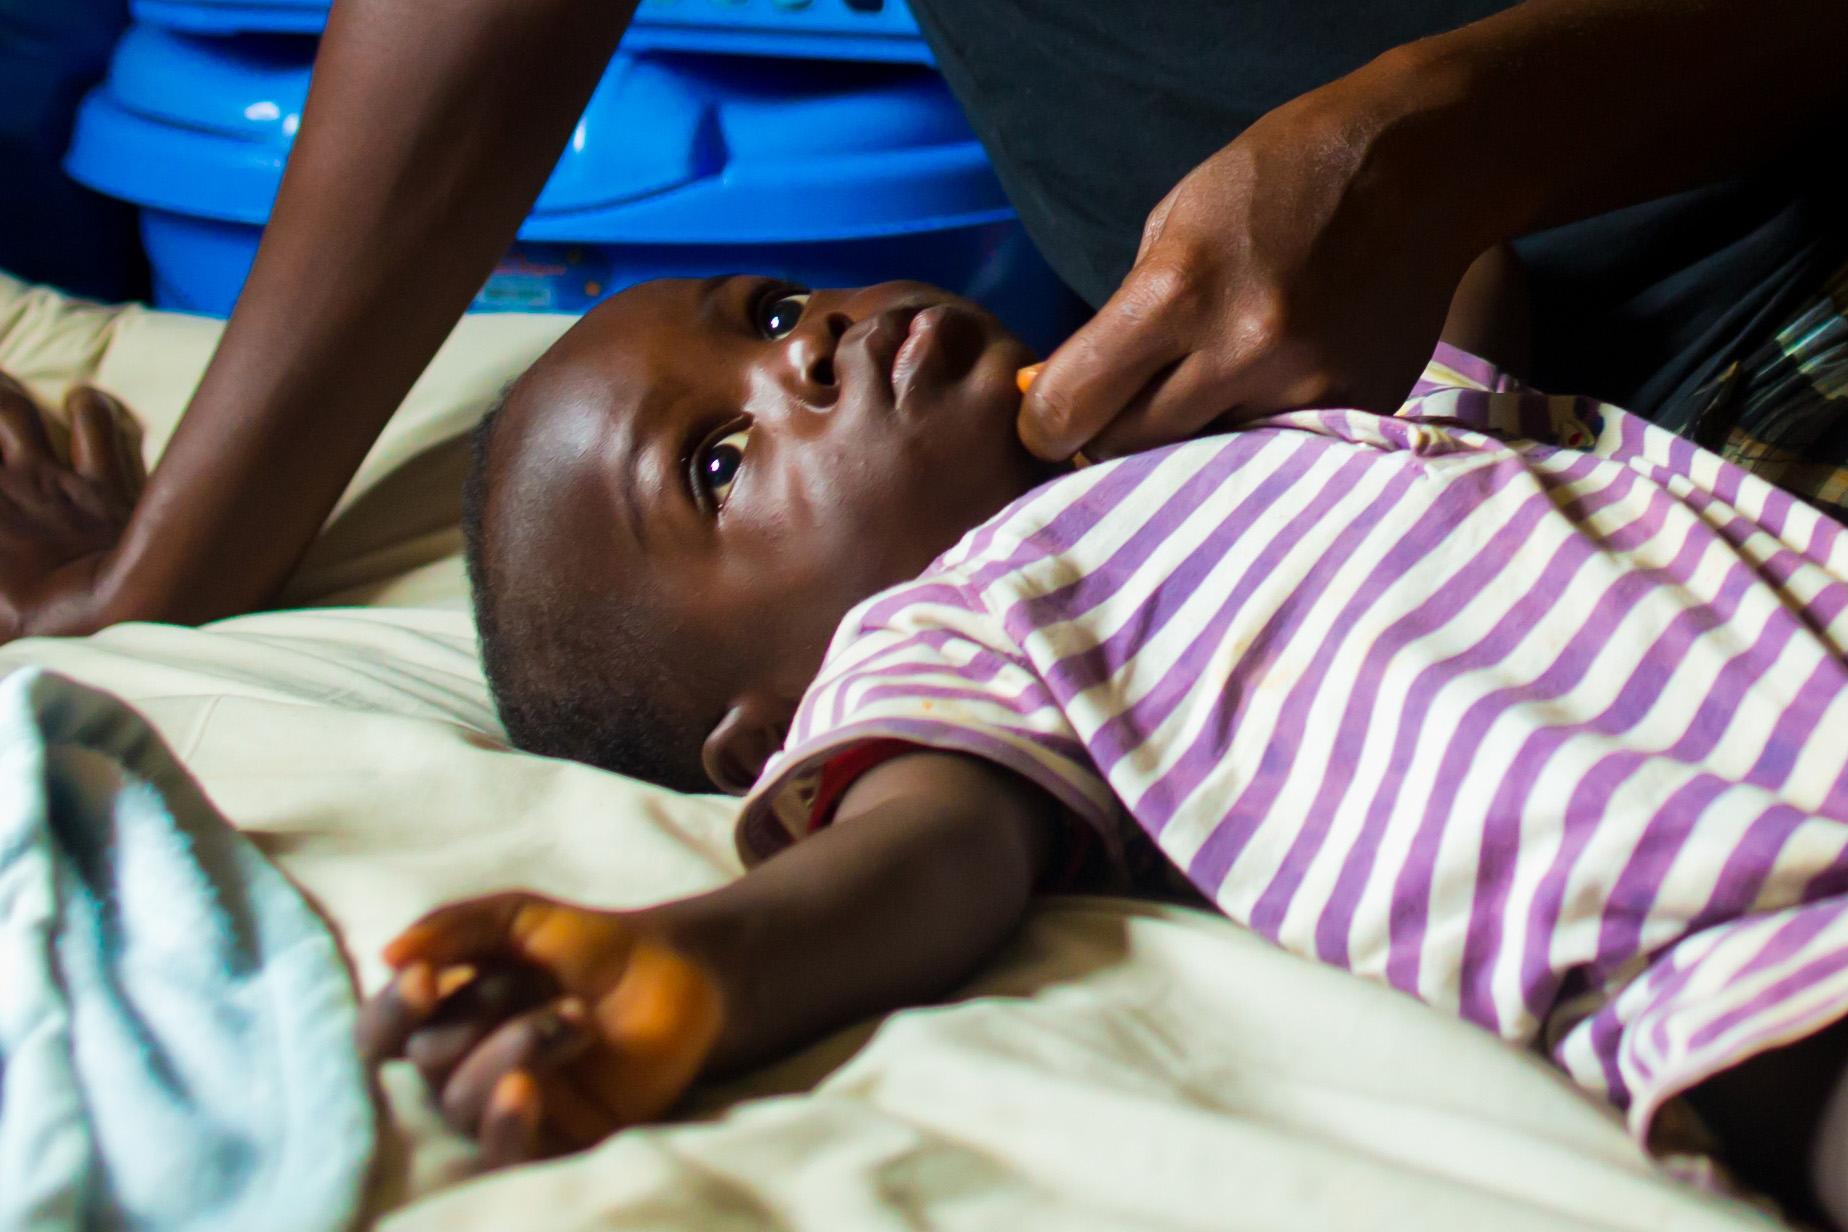 Les dirigeants mondiaux s'engagent à investir 12 milliards de dollars pour lutter contre le sida, la tuberculose et le paludisme.